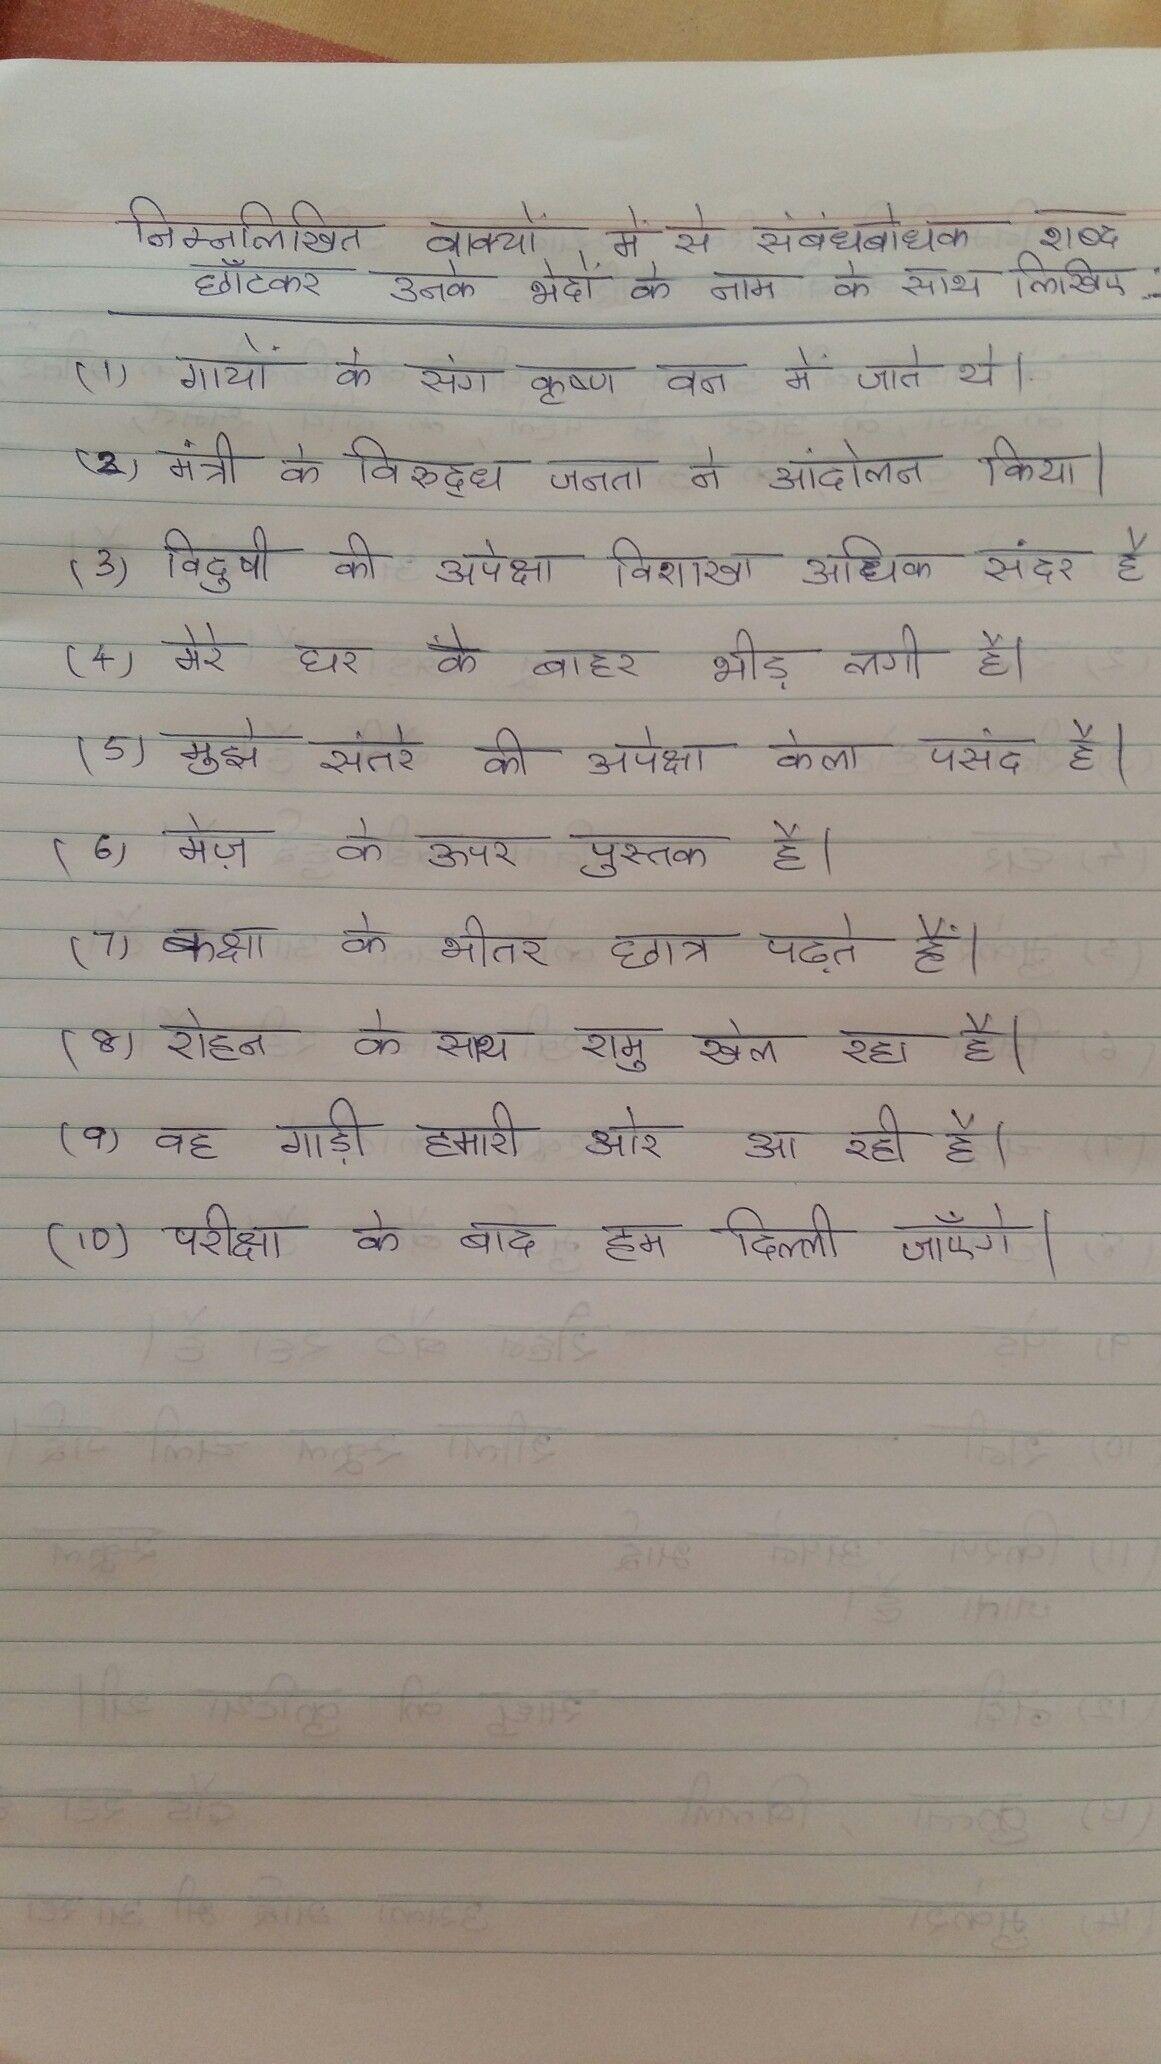 hindi grammar sambandhbodhak worksheet 1 worksheets for school kids pinterest worksheets. Black Bedroom Furniture Sets. Home Design Ideas